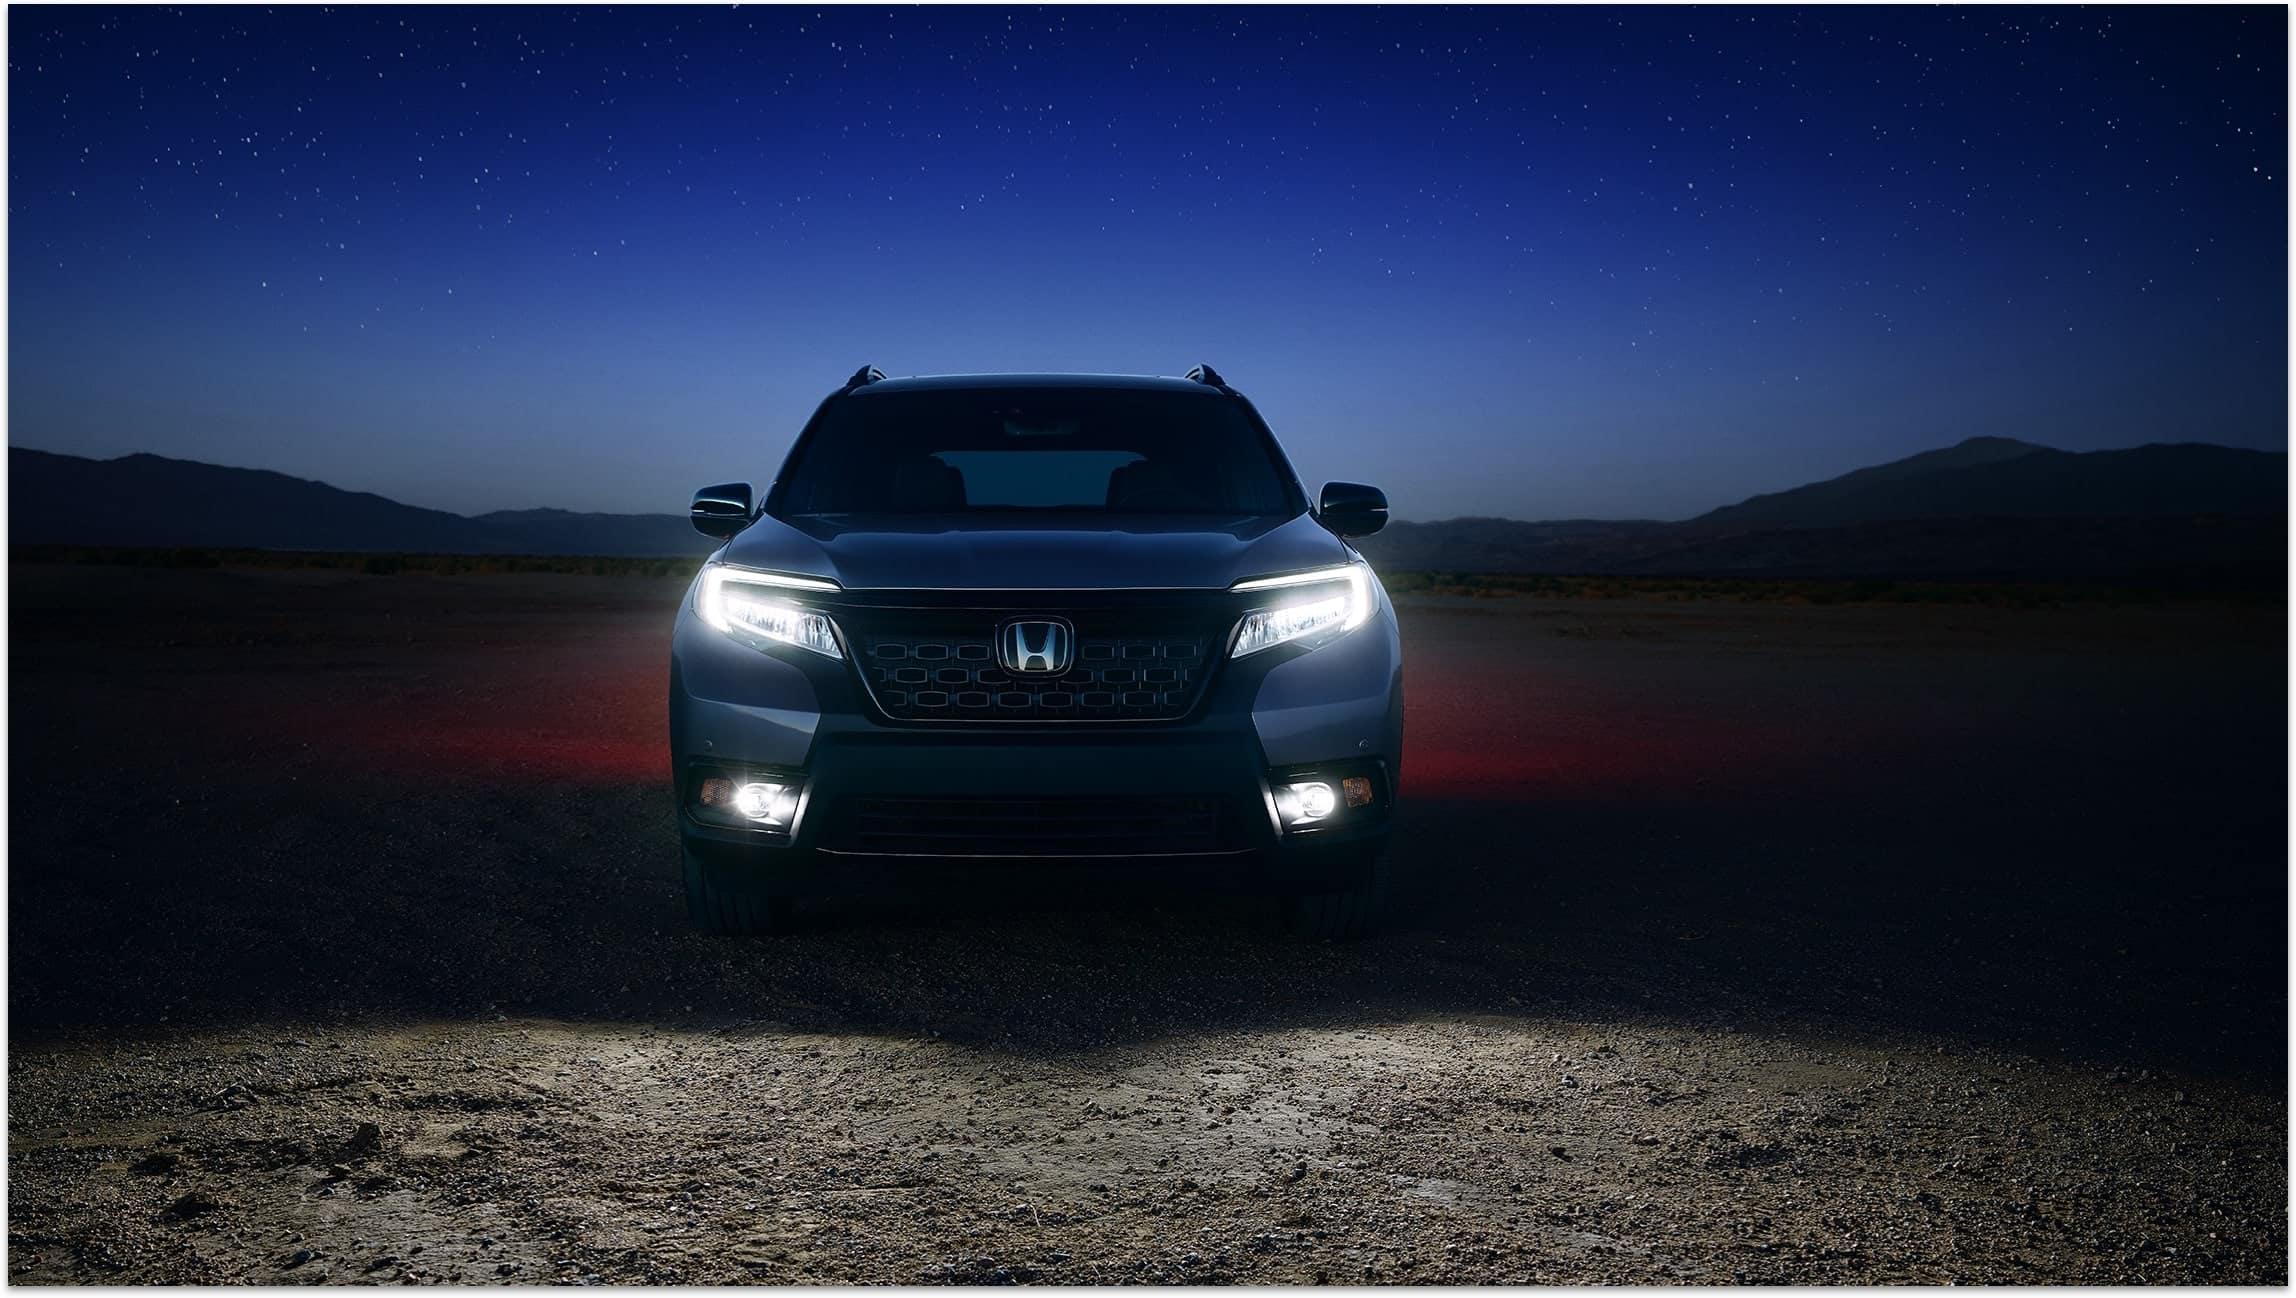 Vista frontal directa de la Honda Passport Elite2019 en Modern Steel Metallic con luces delanteras bajas de LED y faros antiniebla encendidos.